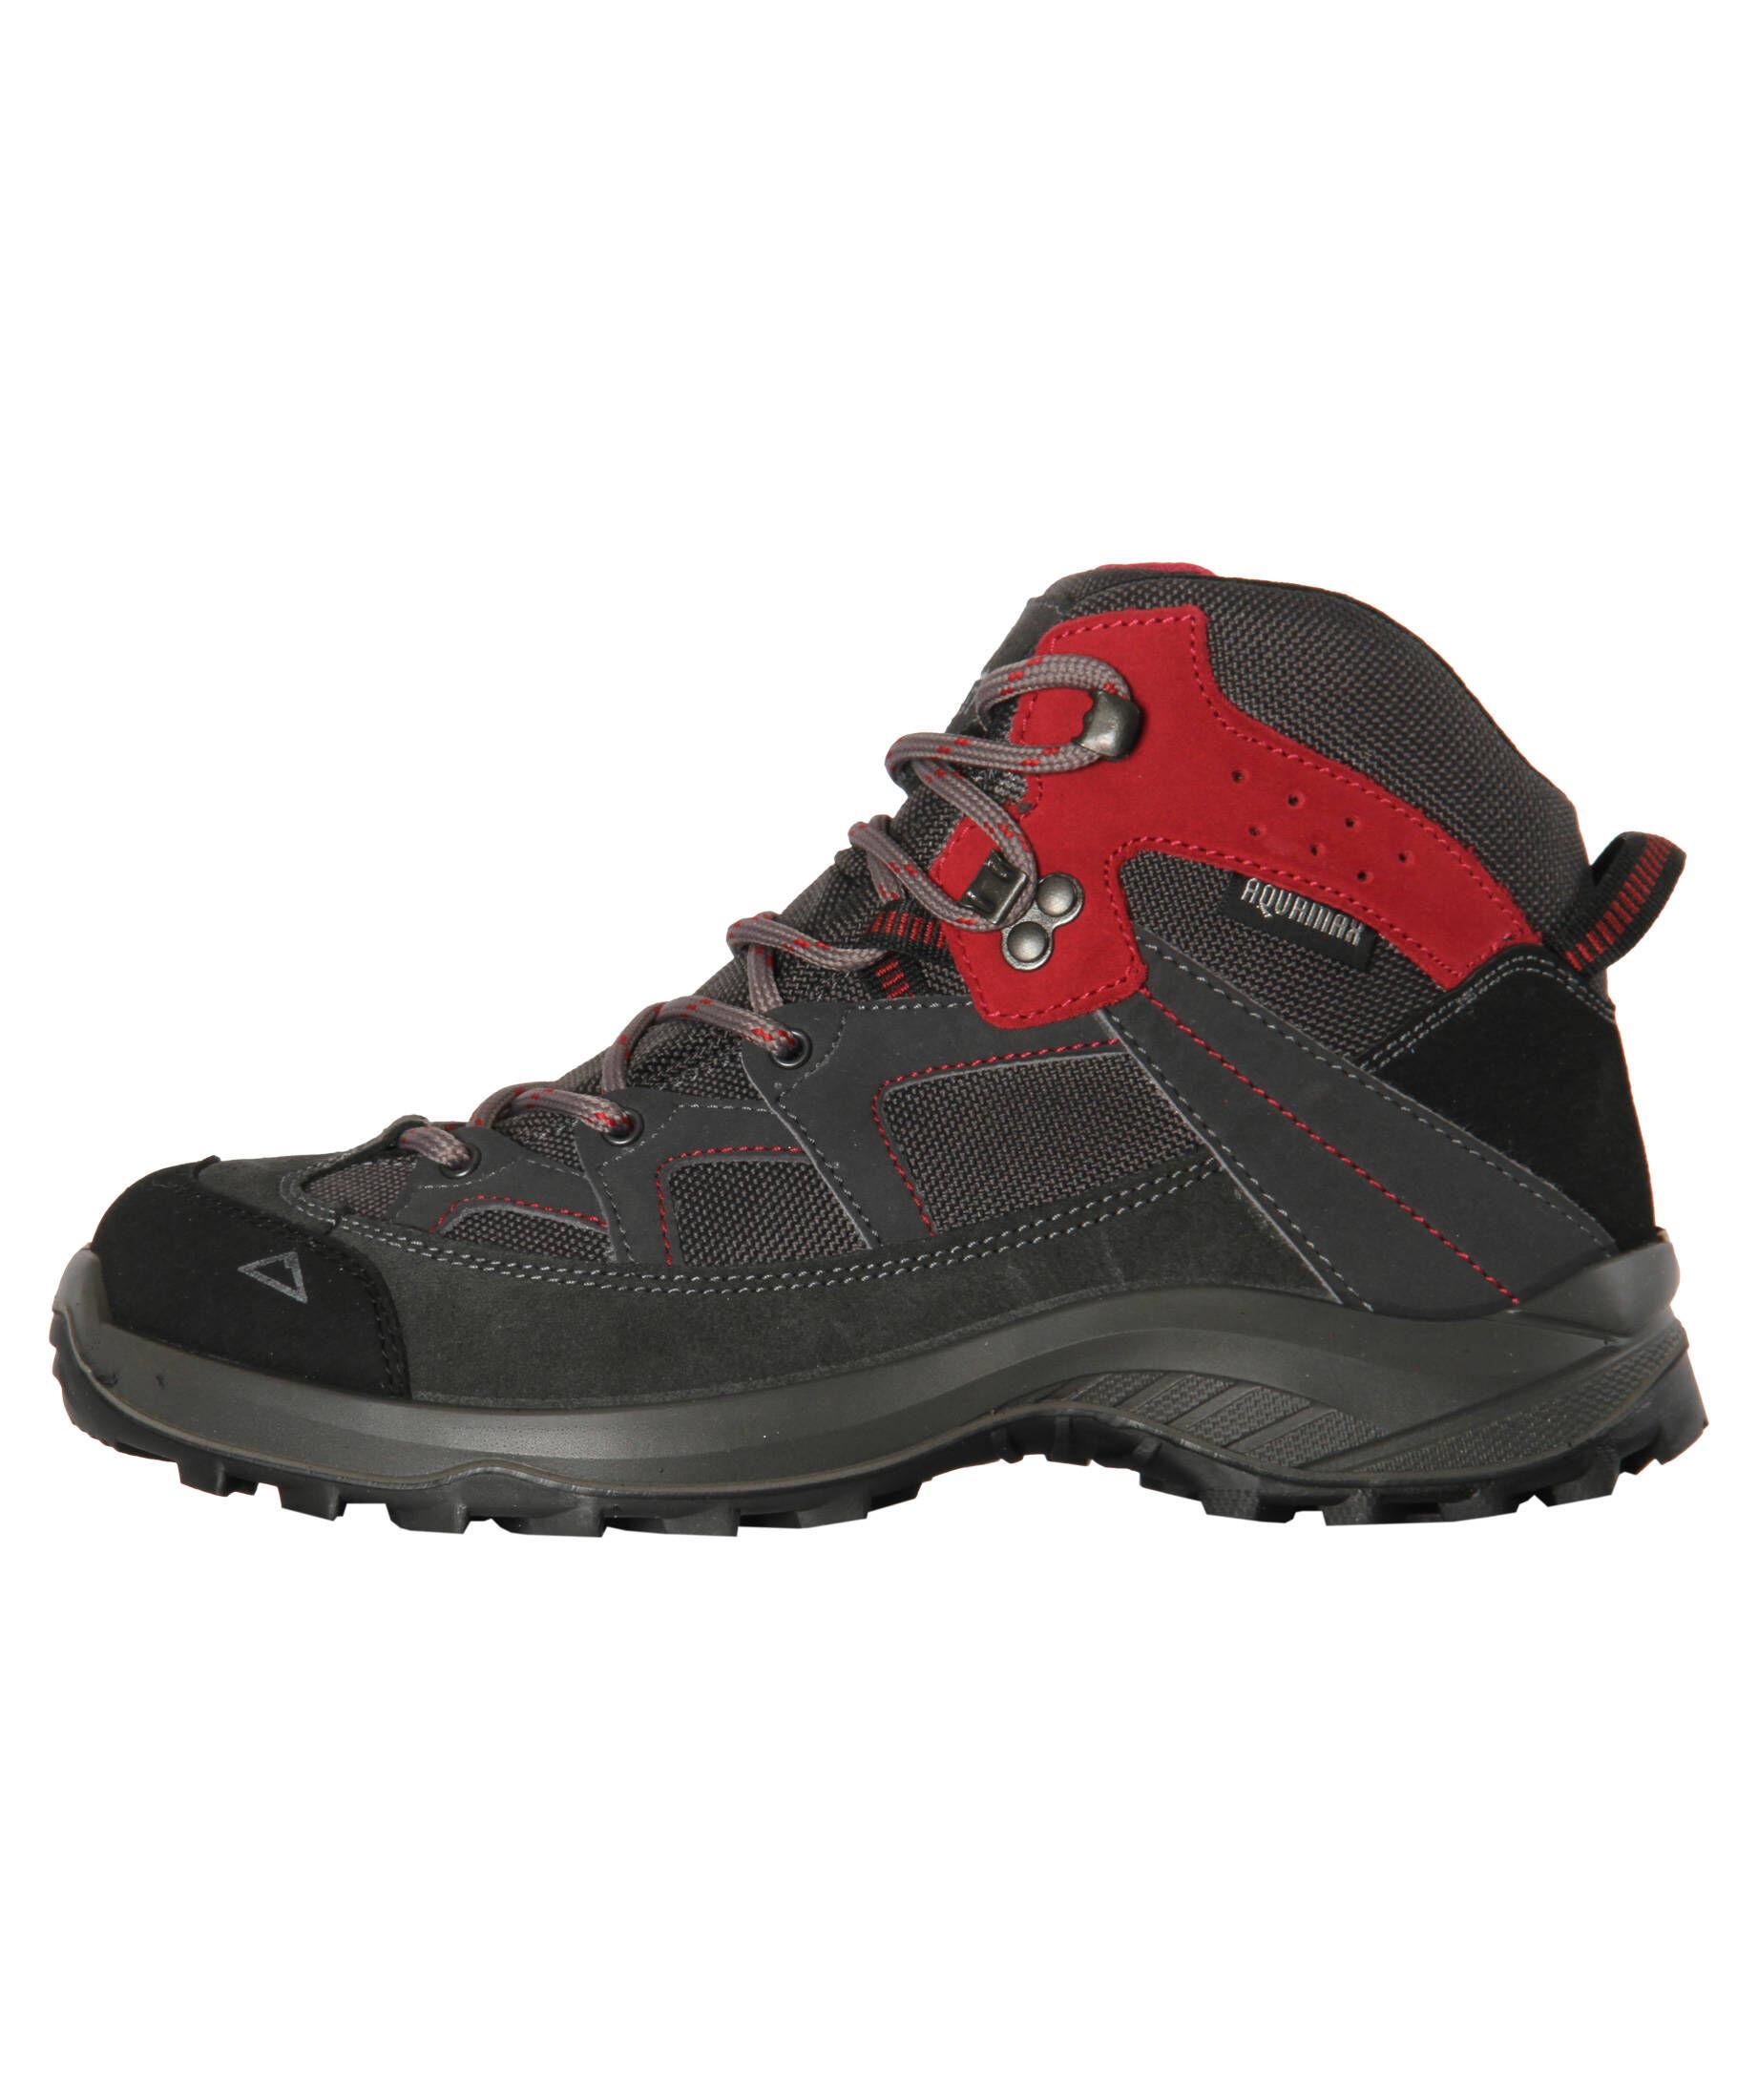 Kleidung & Accessoires Schuhe Für Jungen Aggressiv Hallenturnschuhe Größe 31